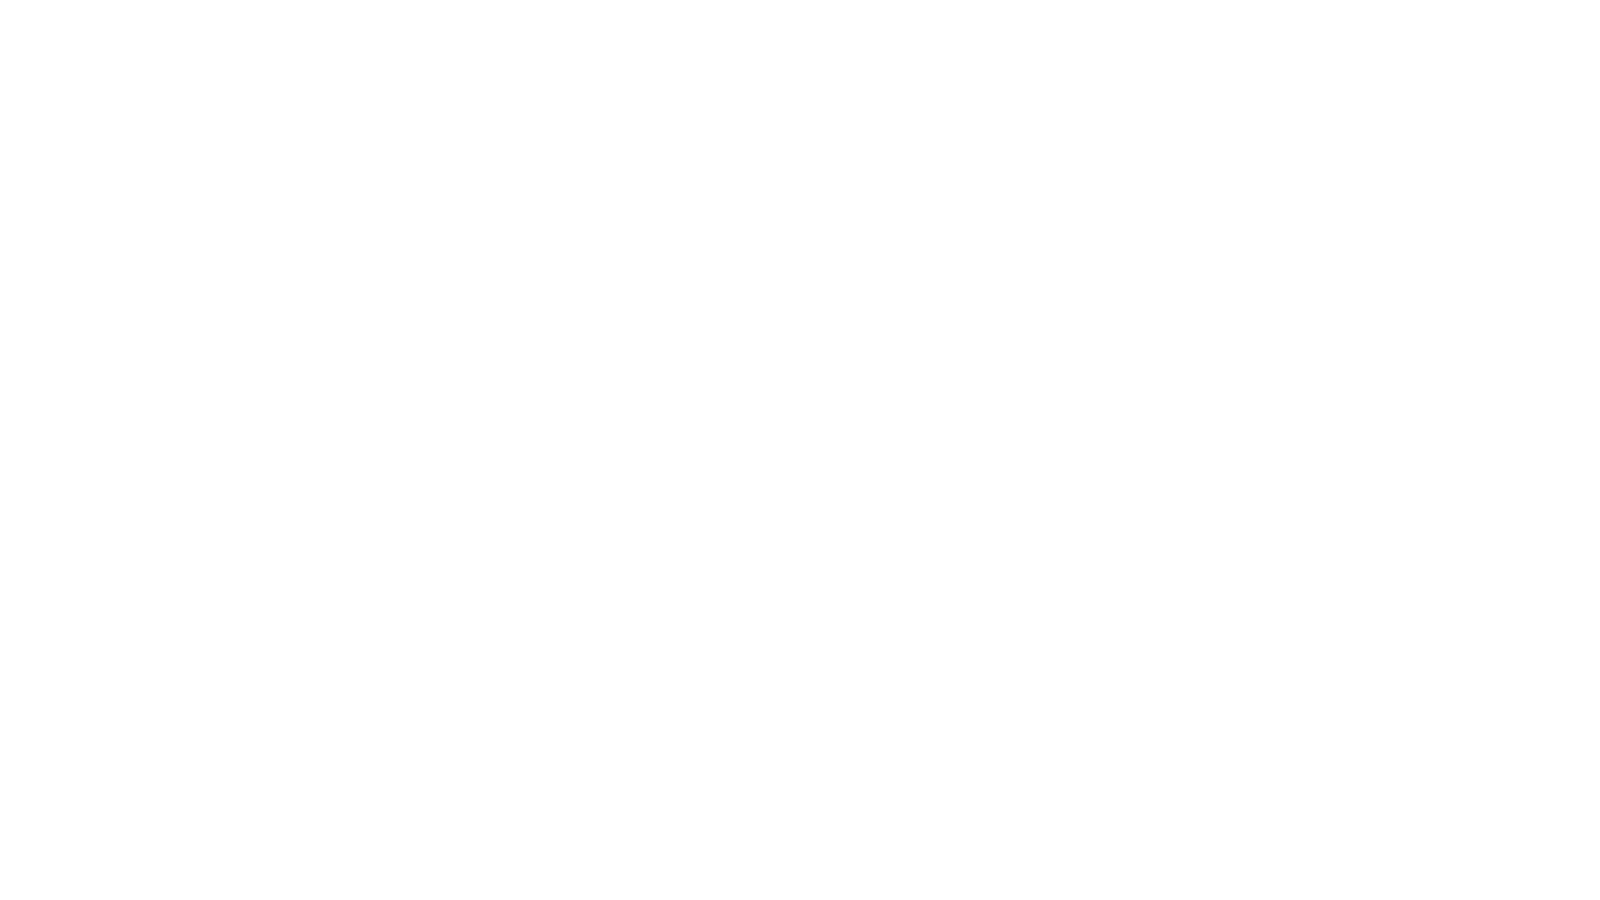 Joost Lijbaart & Wolfert Brederode tijdens het concert in het kader van de Kapel serie van Stichting Heerlen Jazz. Locatie: kapel van het Savelbergklooster, de TWEE gezusters. Mogelijk gemaakt door : SLIM, Fonds voor de podiumkunsten, & Stichting  Heerlen Jazz. Productie: Media Profile, Weerwaas en CodaZ